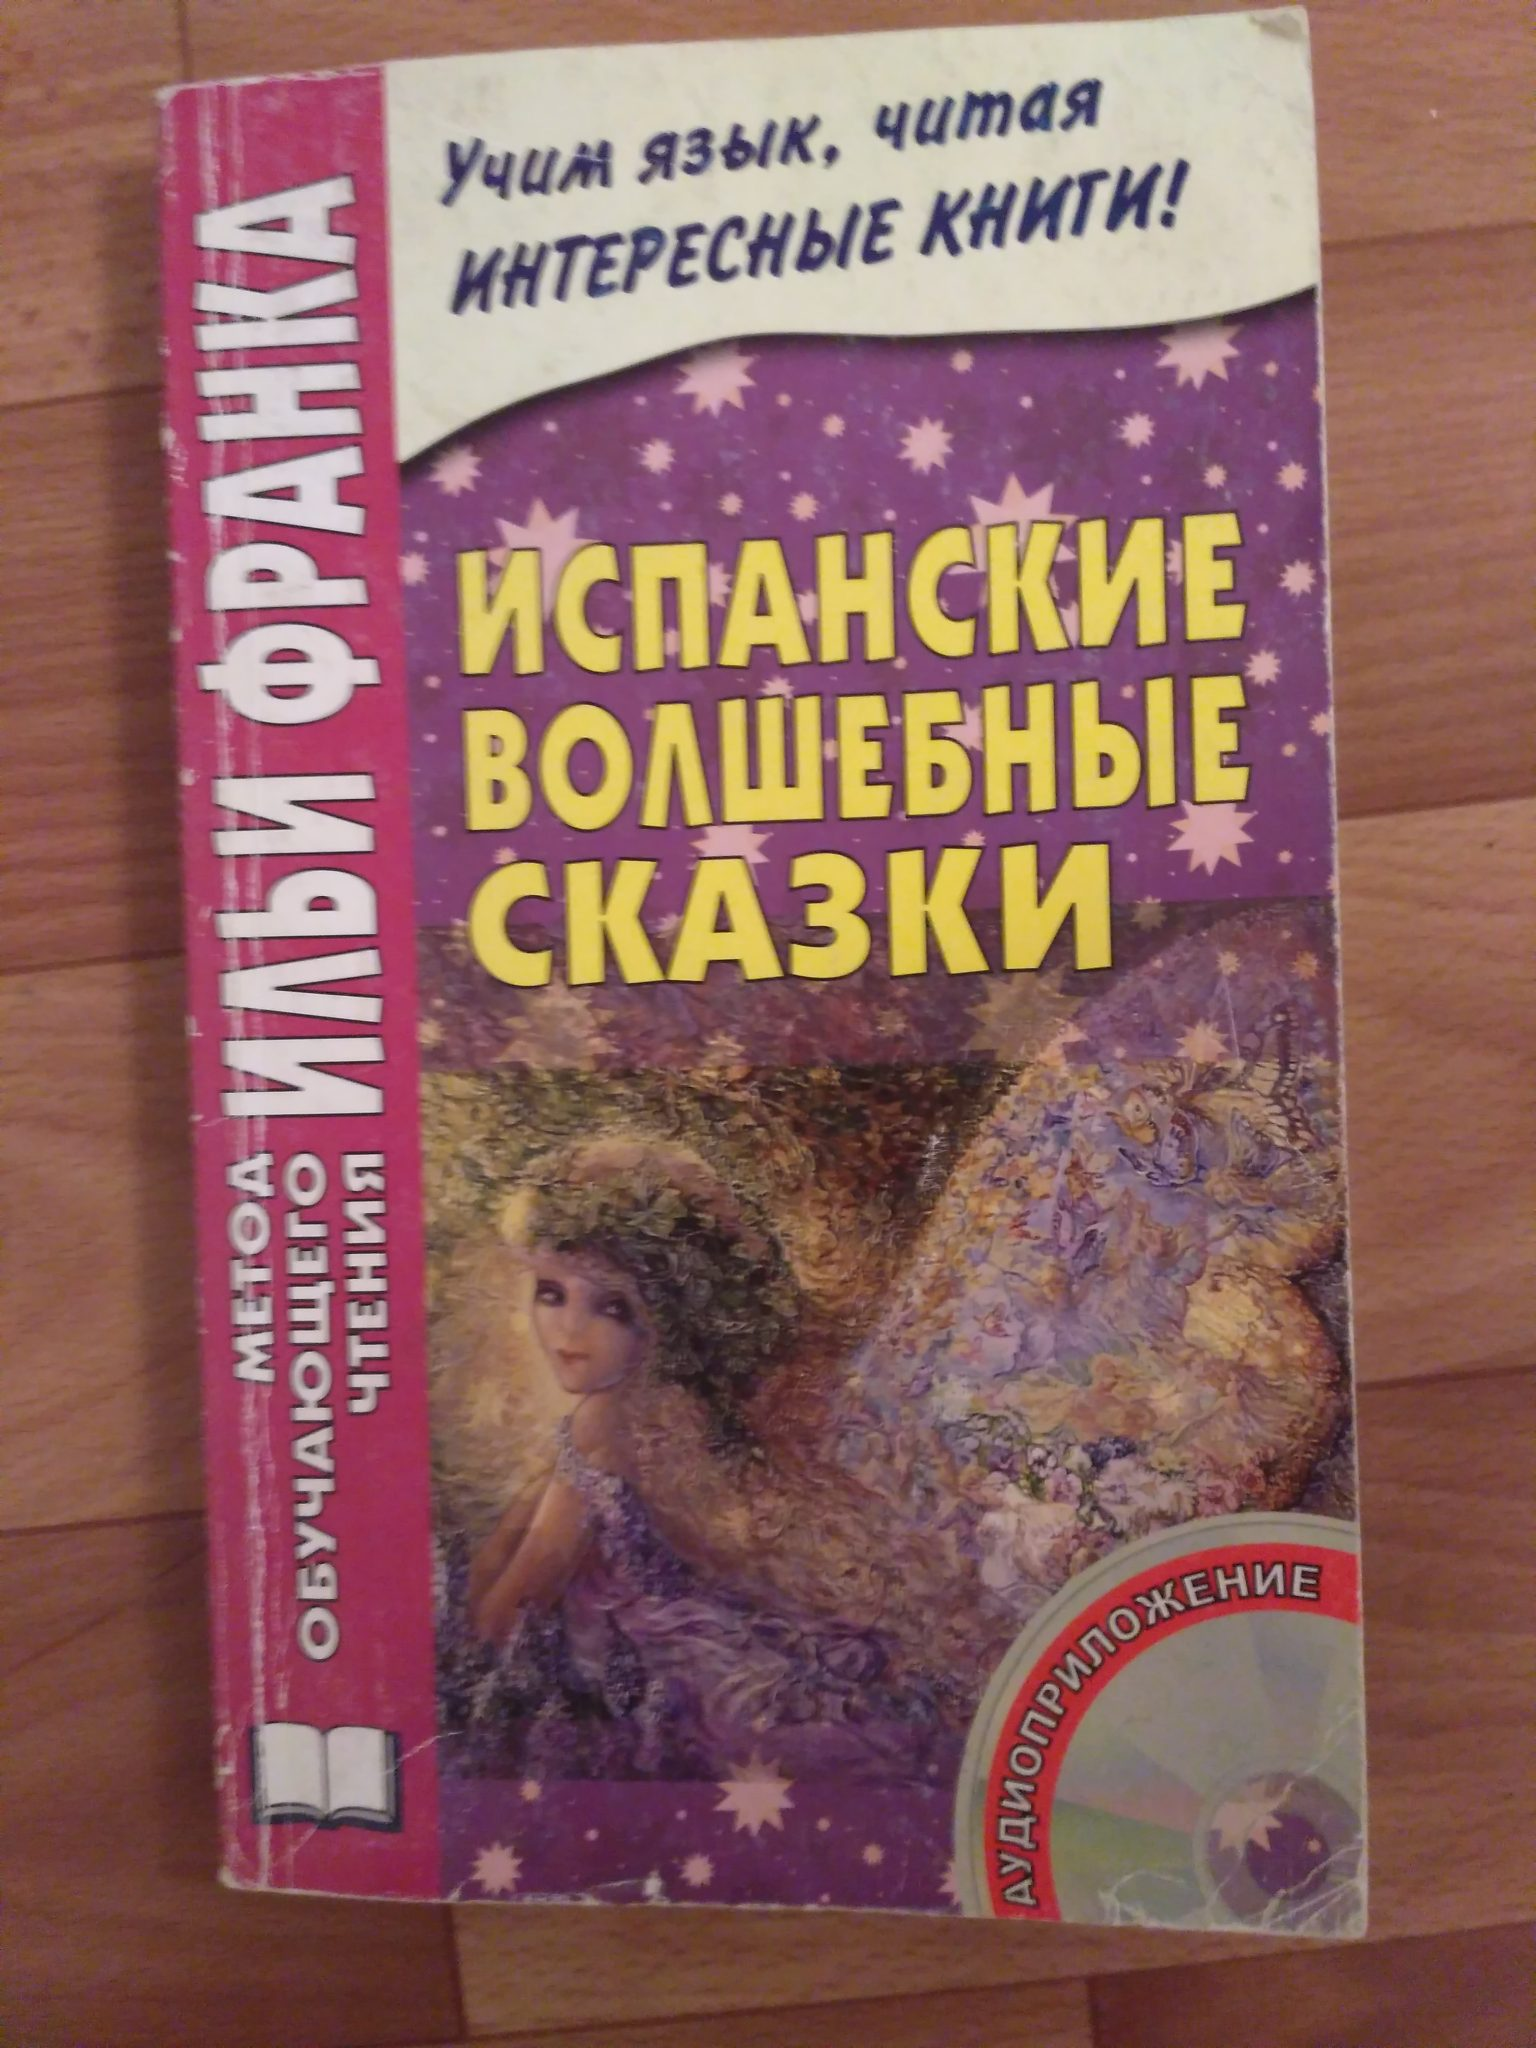 Книги с методикой Илью Франка по изучению иностранного языка